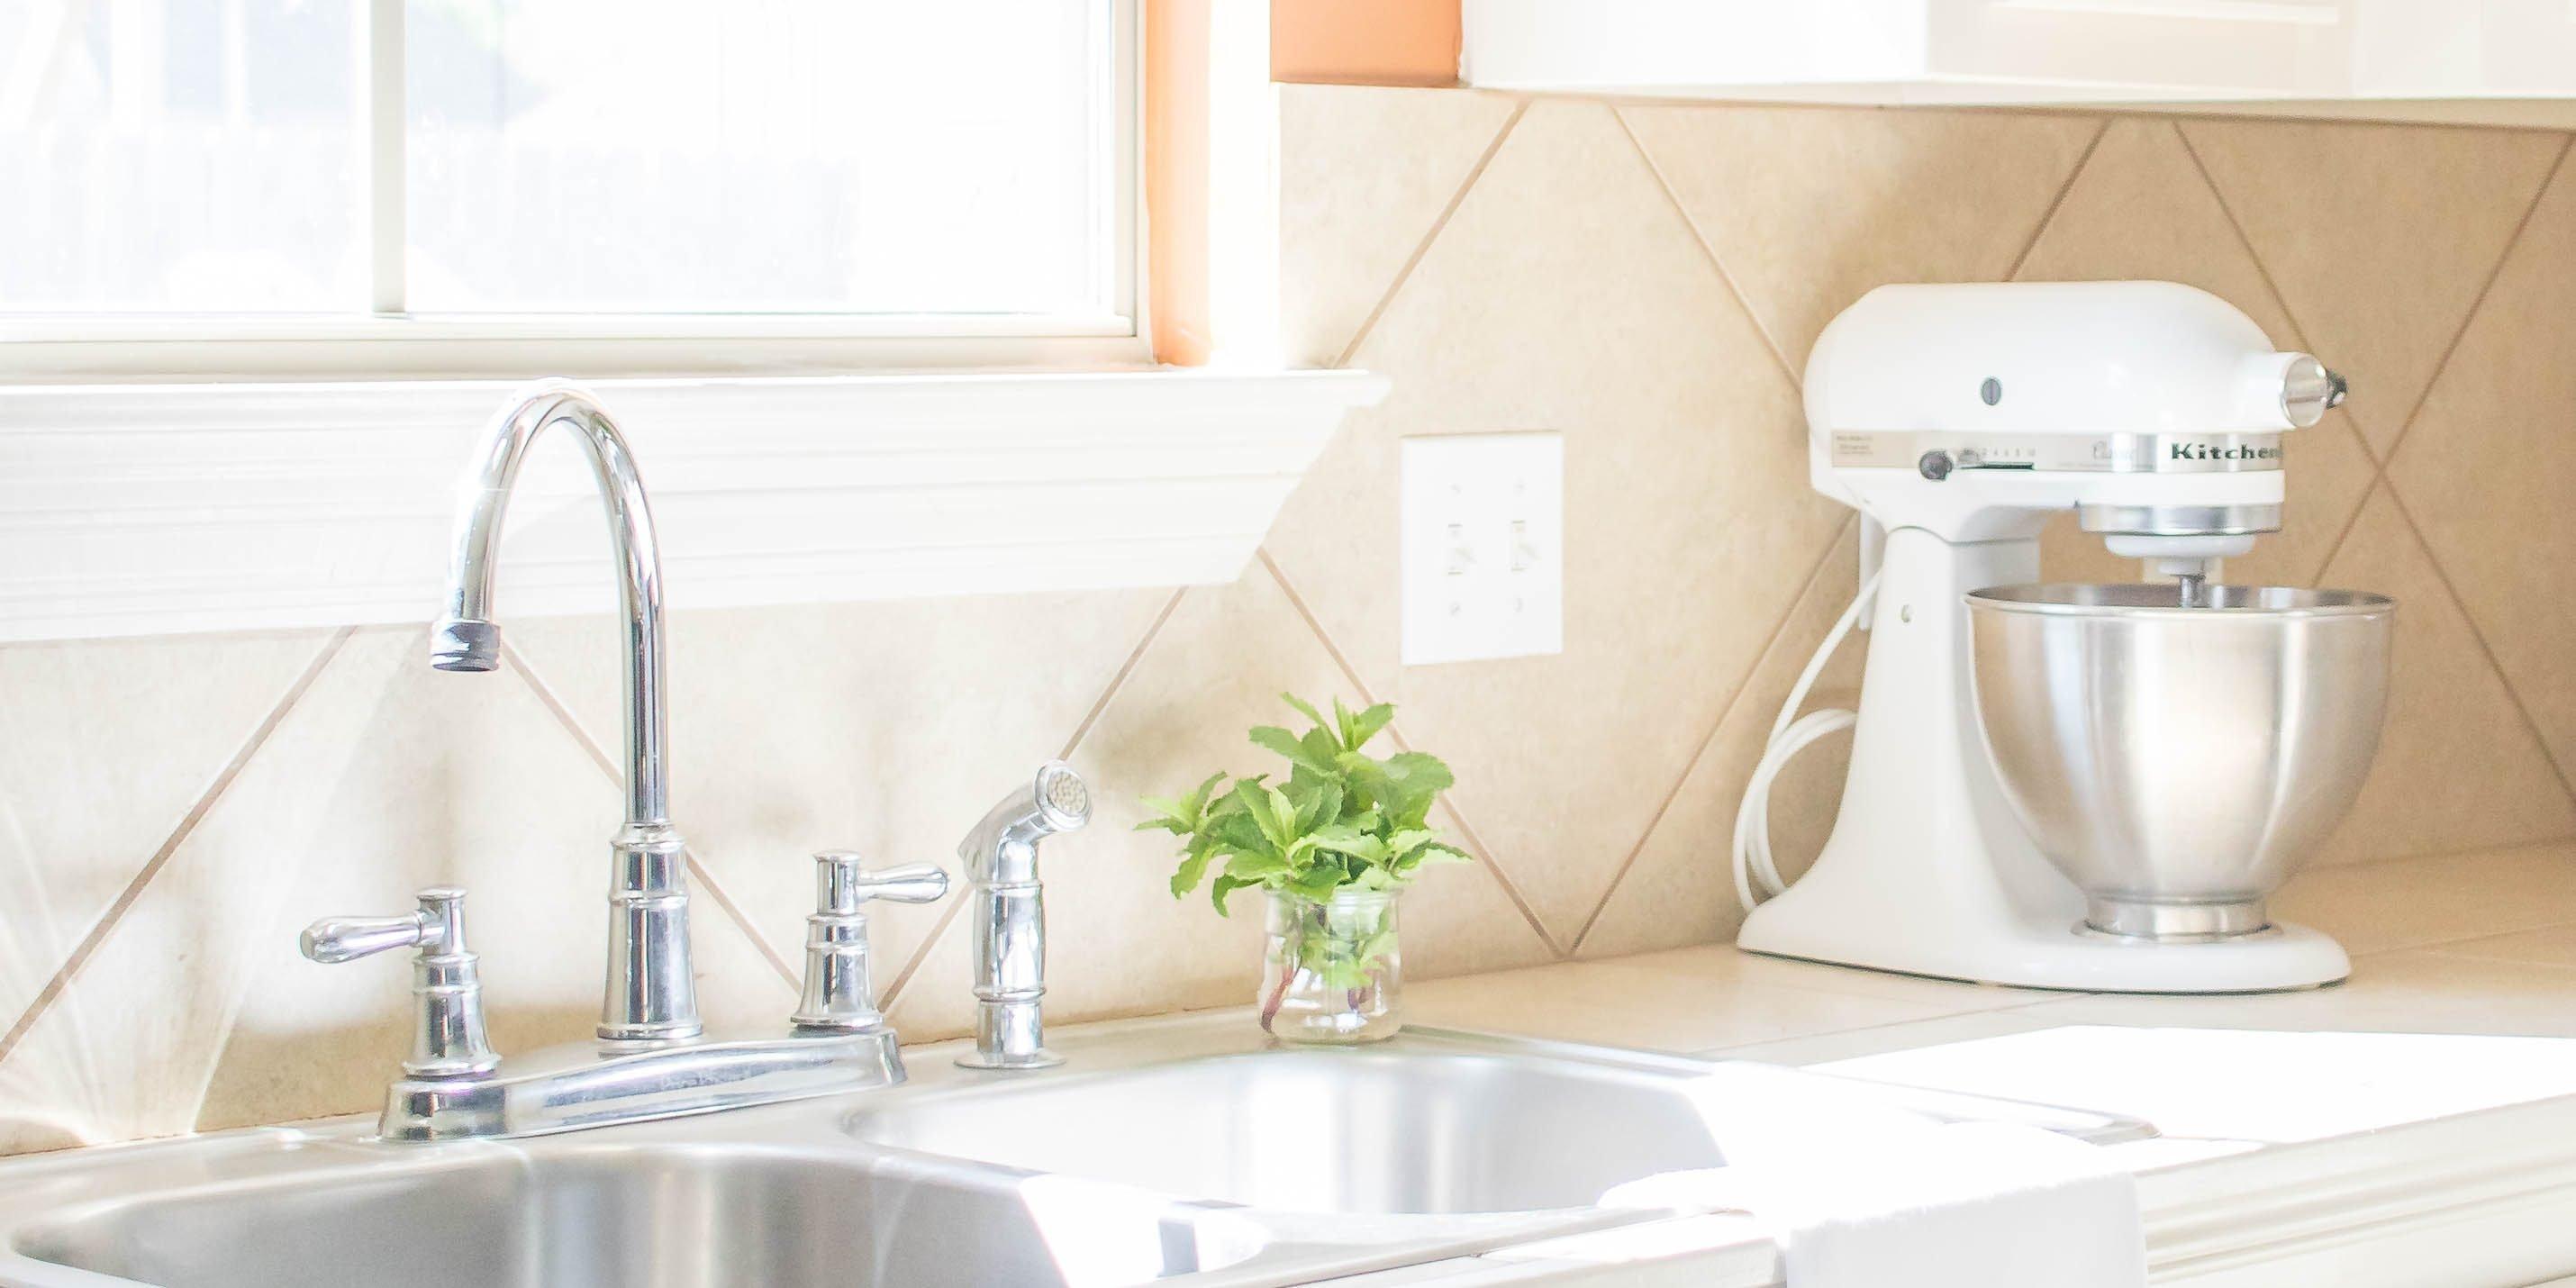 white kitchenaid stand mixer in bright kitchen